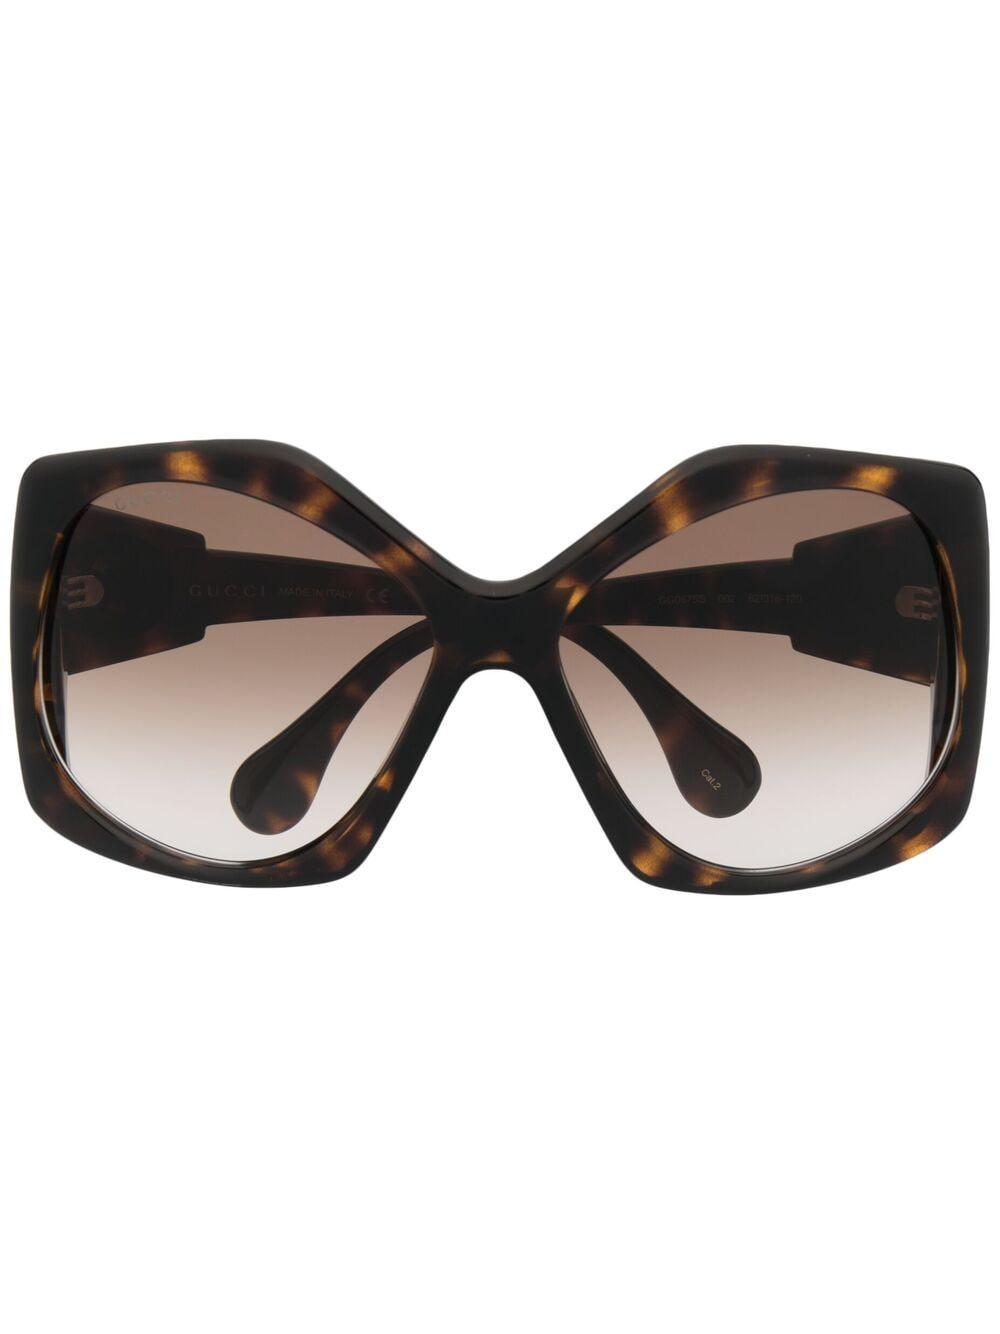 Gucci Eyewear Oversized-Sonnenbrille in Schildpattoptik - Braun